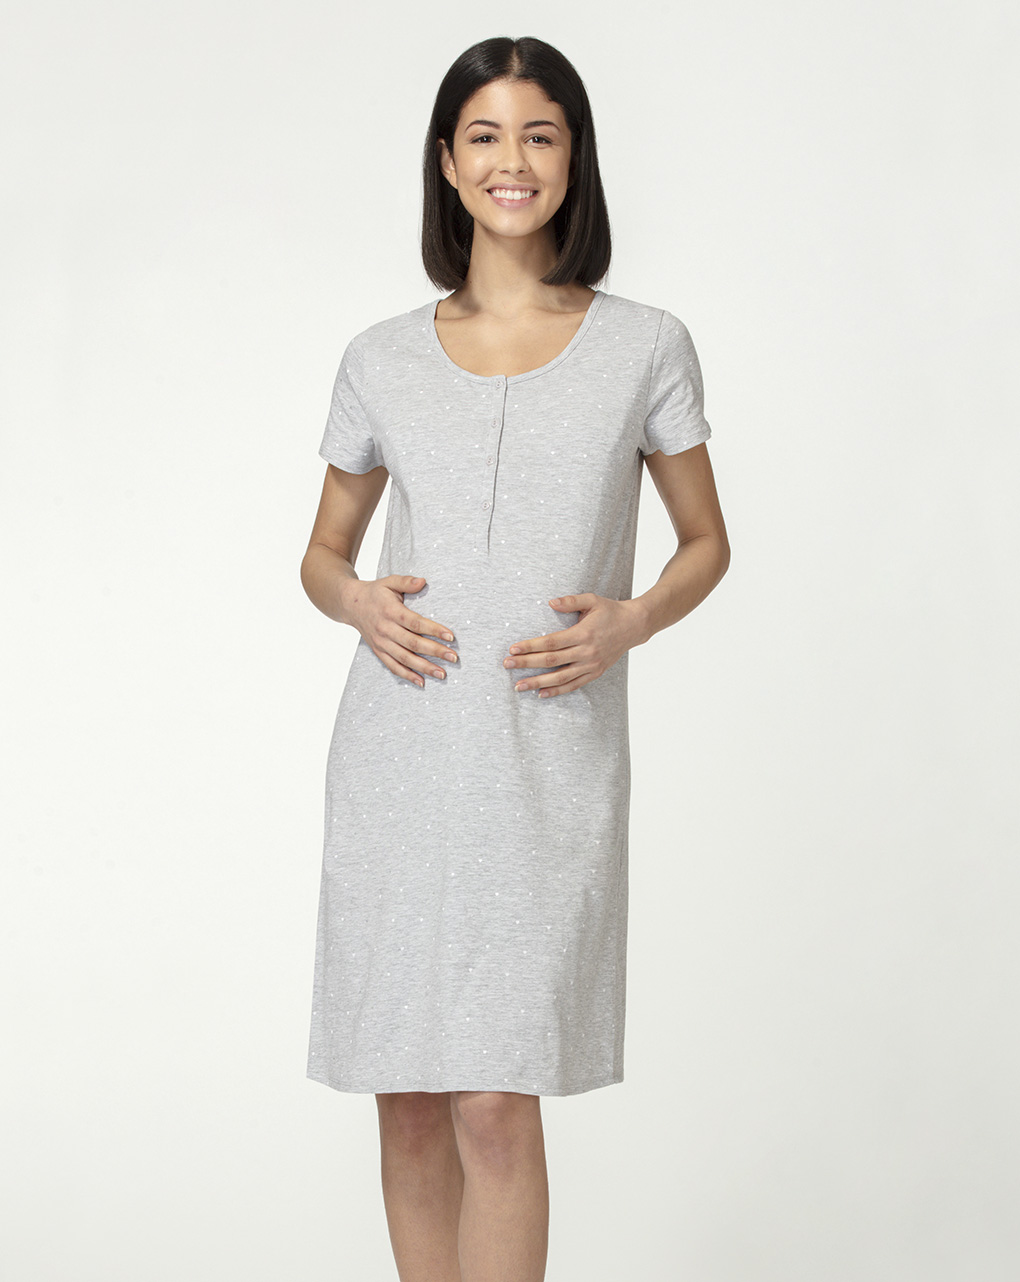 Camicia allattamento grigia - Prénatal